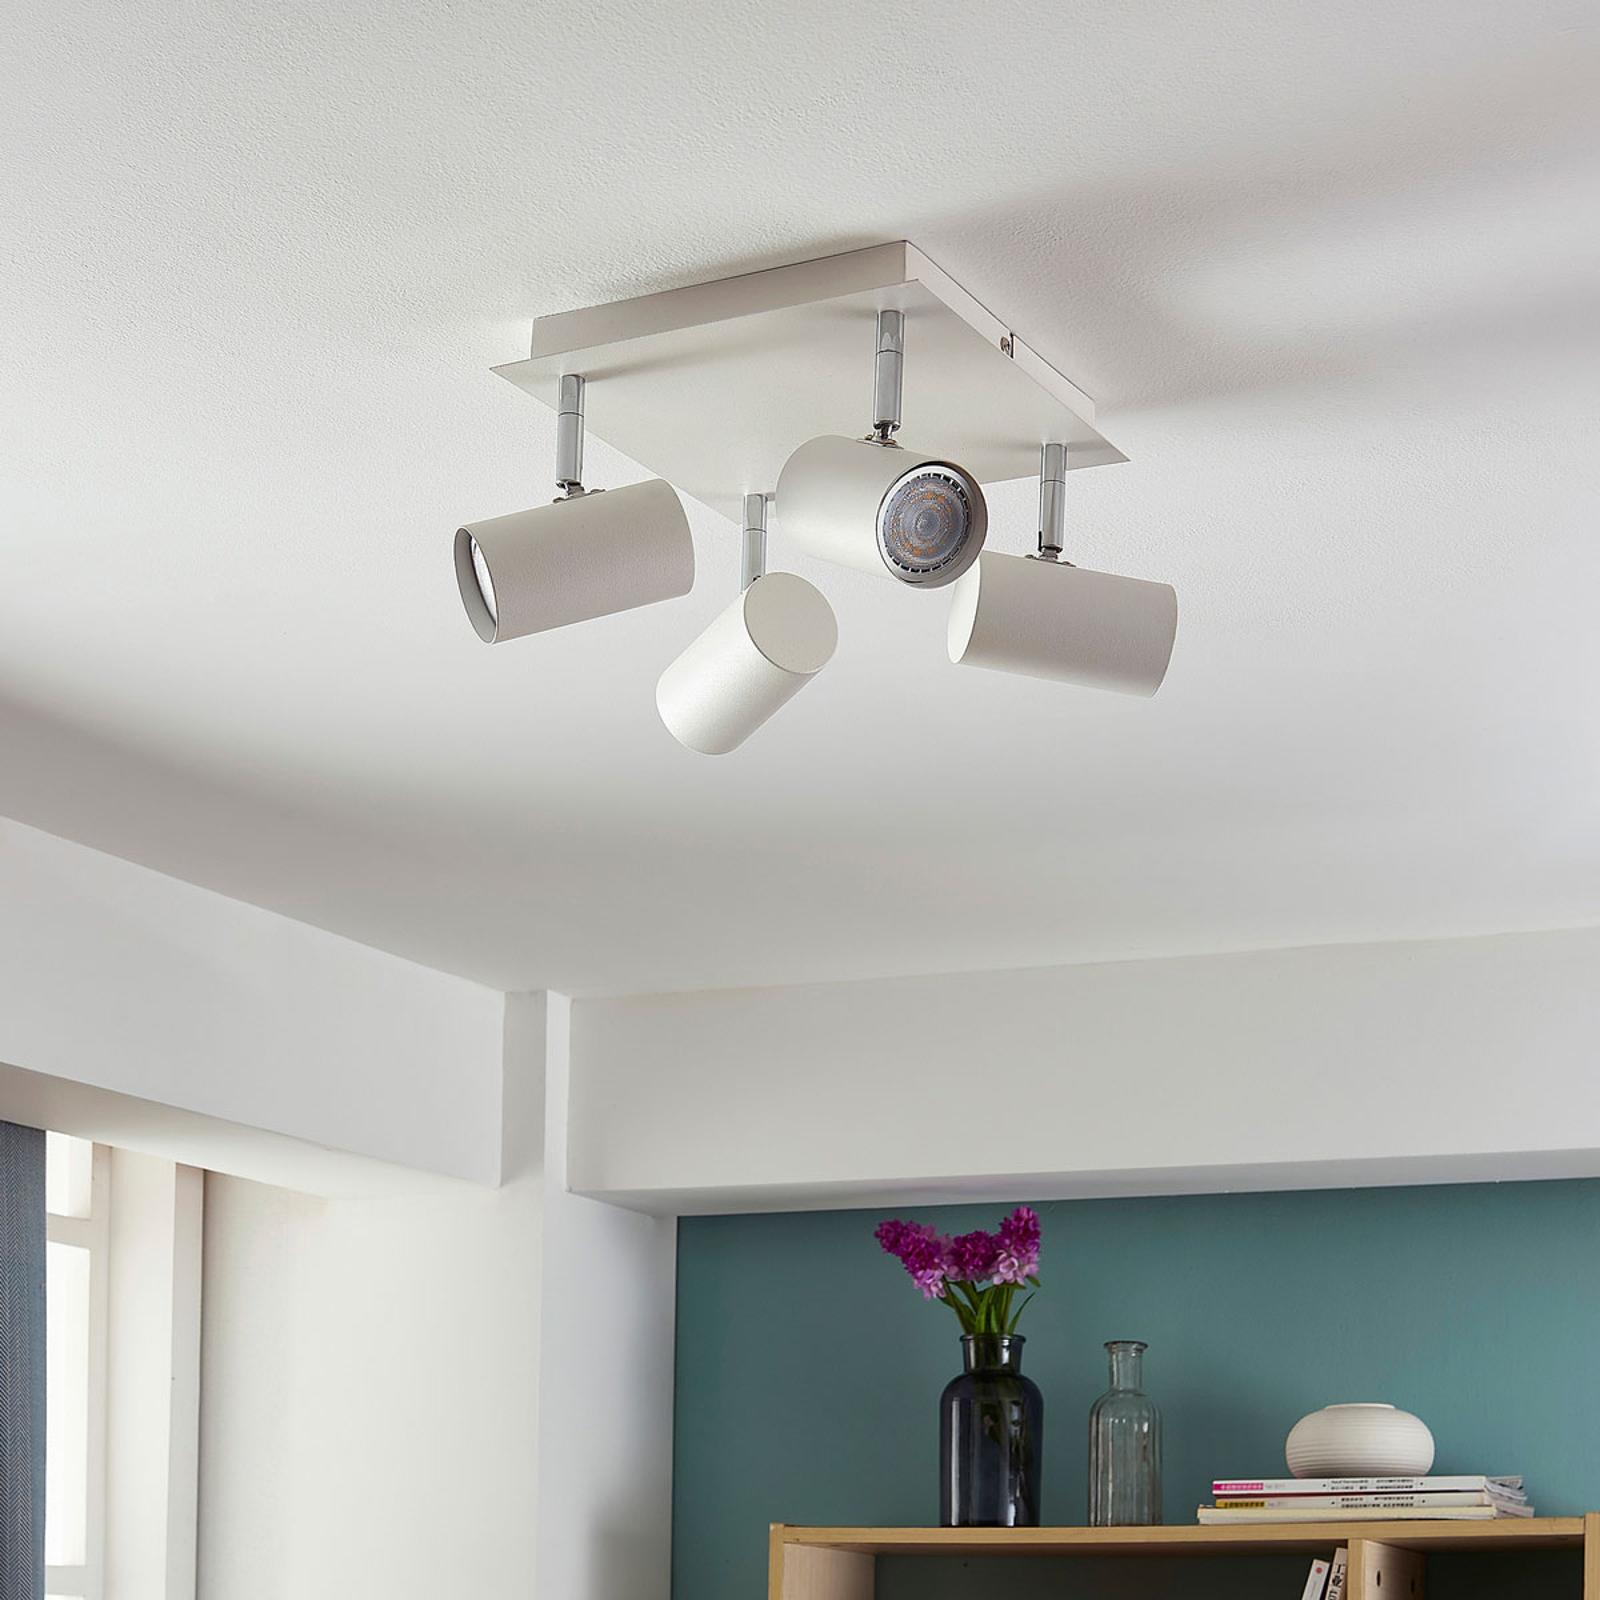 Kvadratisk LED taklampe Iluk, fire lys | Lampegiganten.no